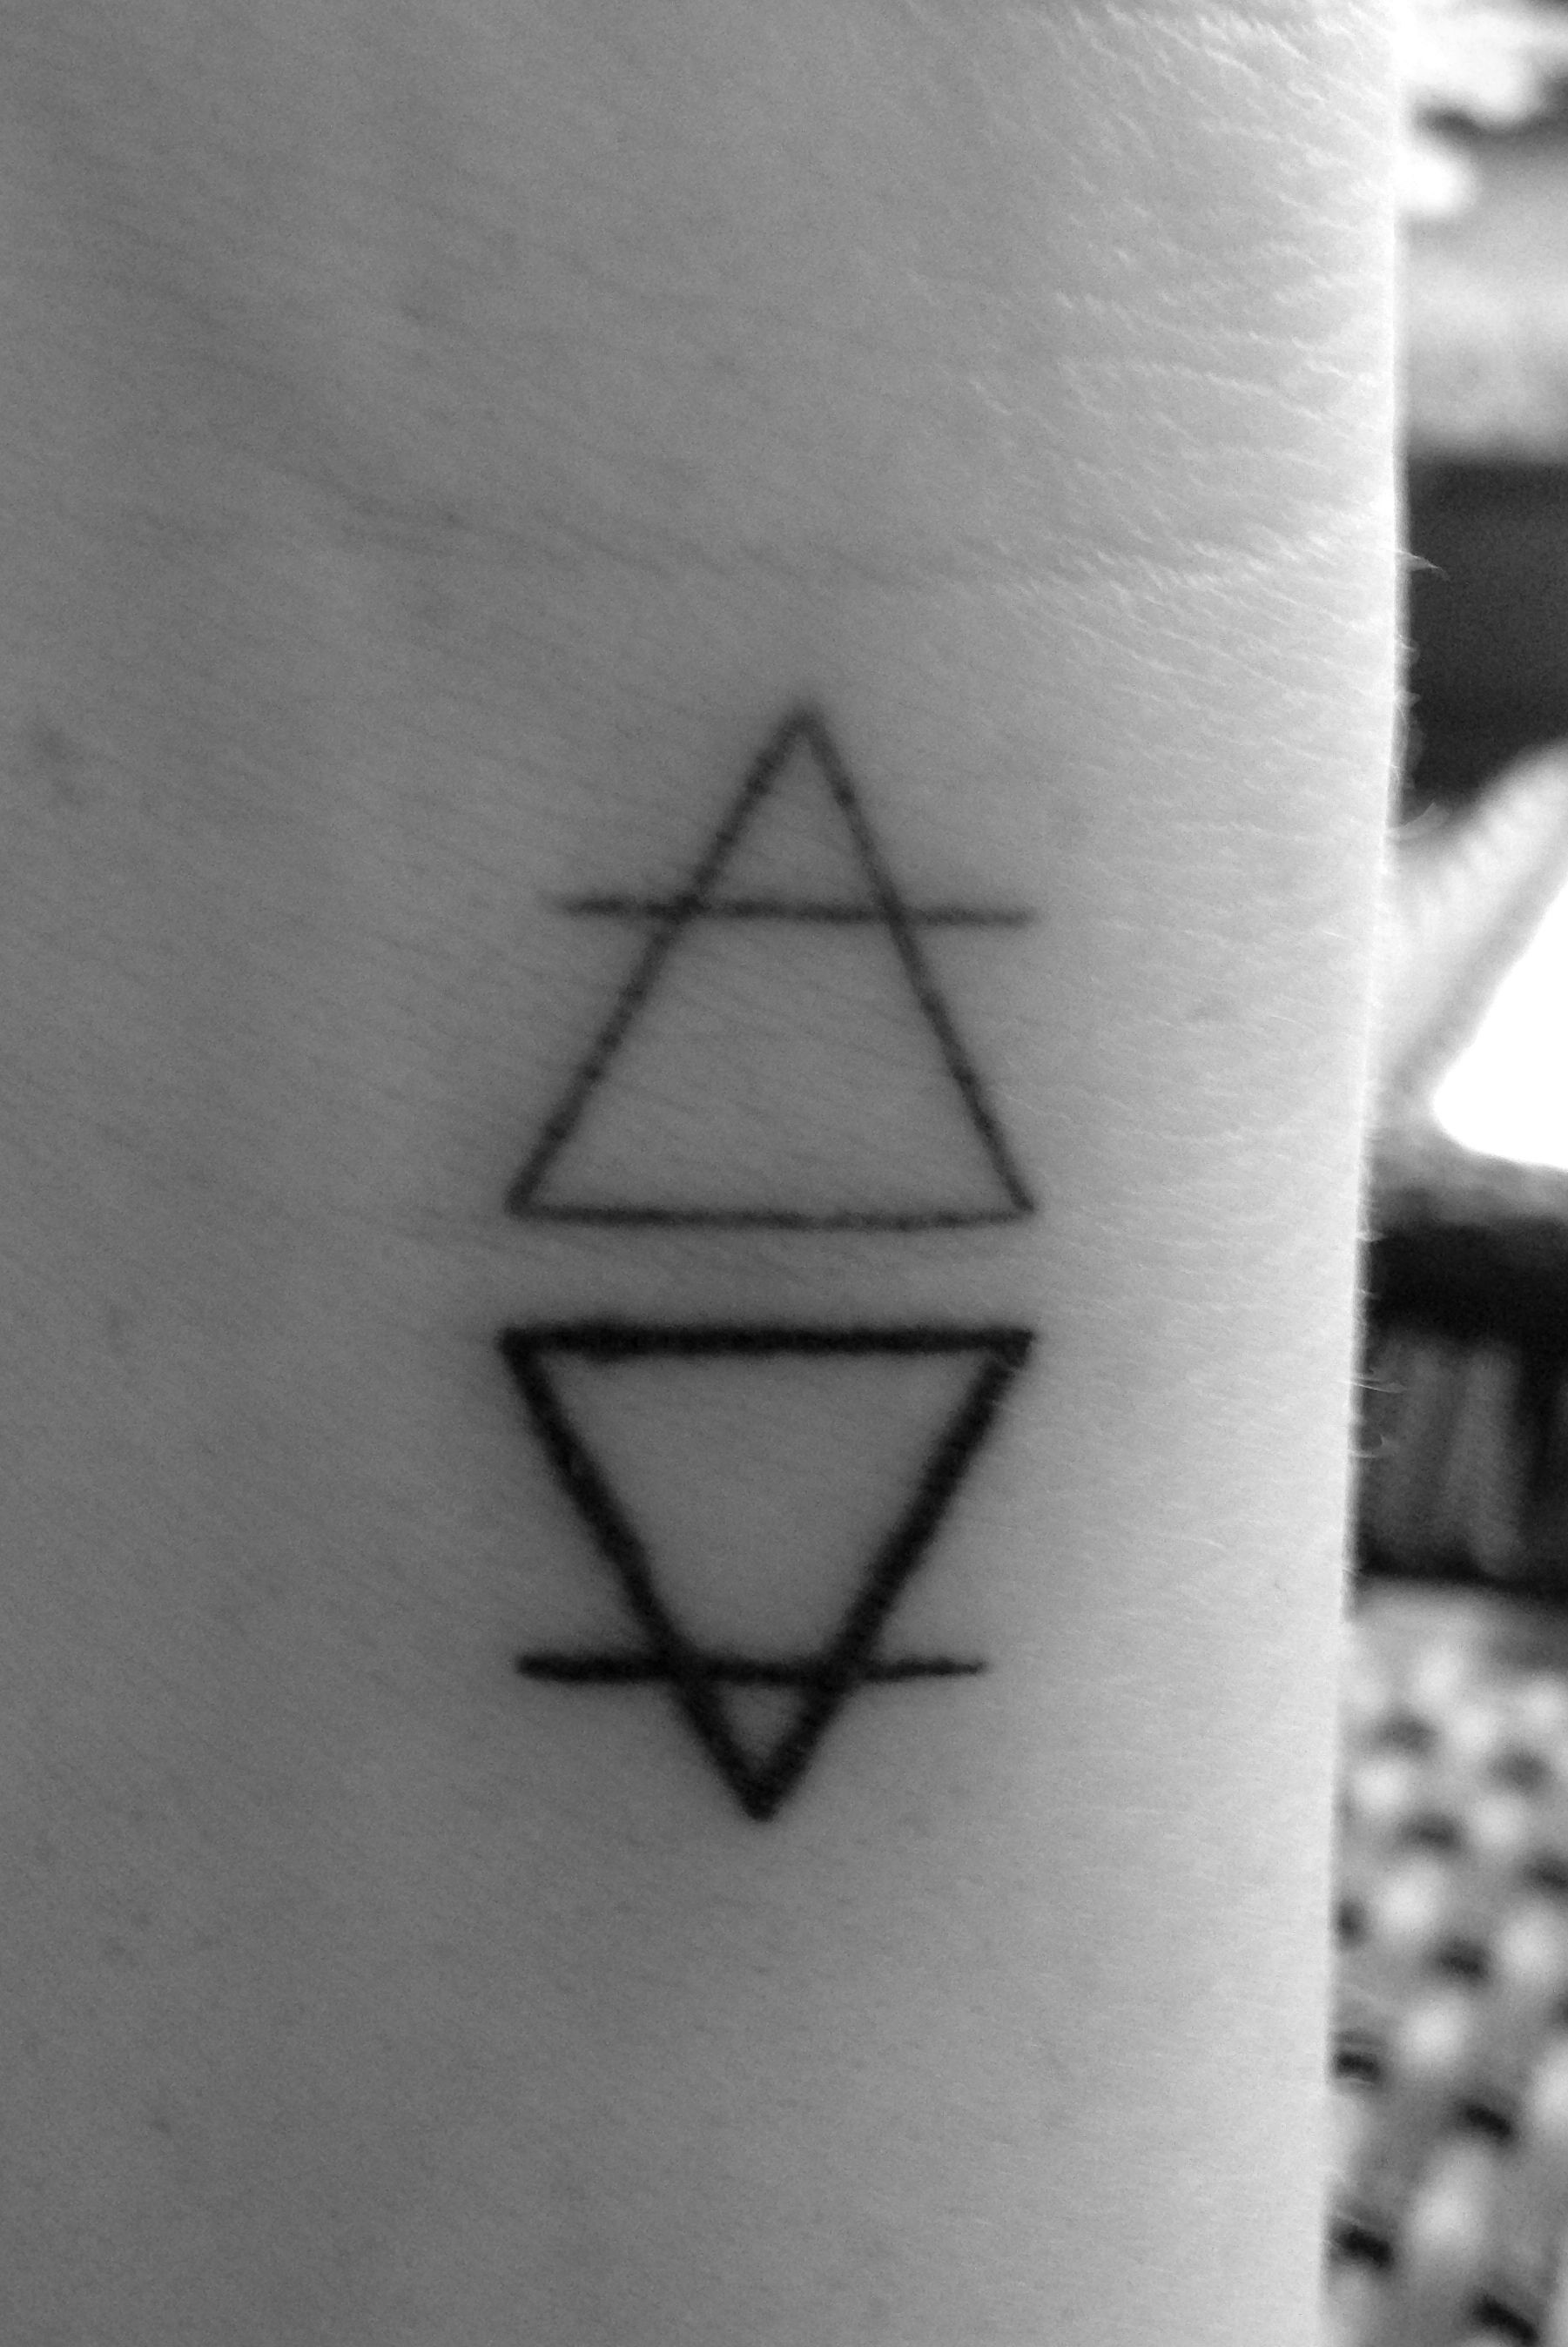 d98e43d4d Pin by Tattoo Ideas on <<SYMBOL TATTOOS>> | Tattoos, Symbolic ...